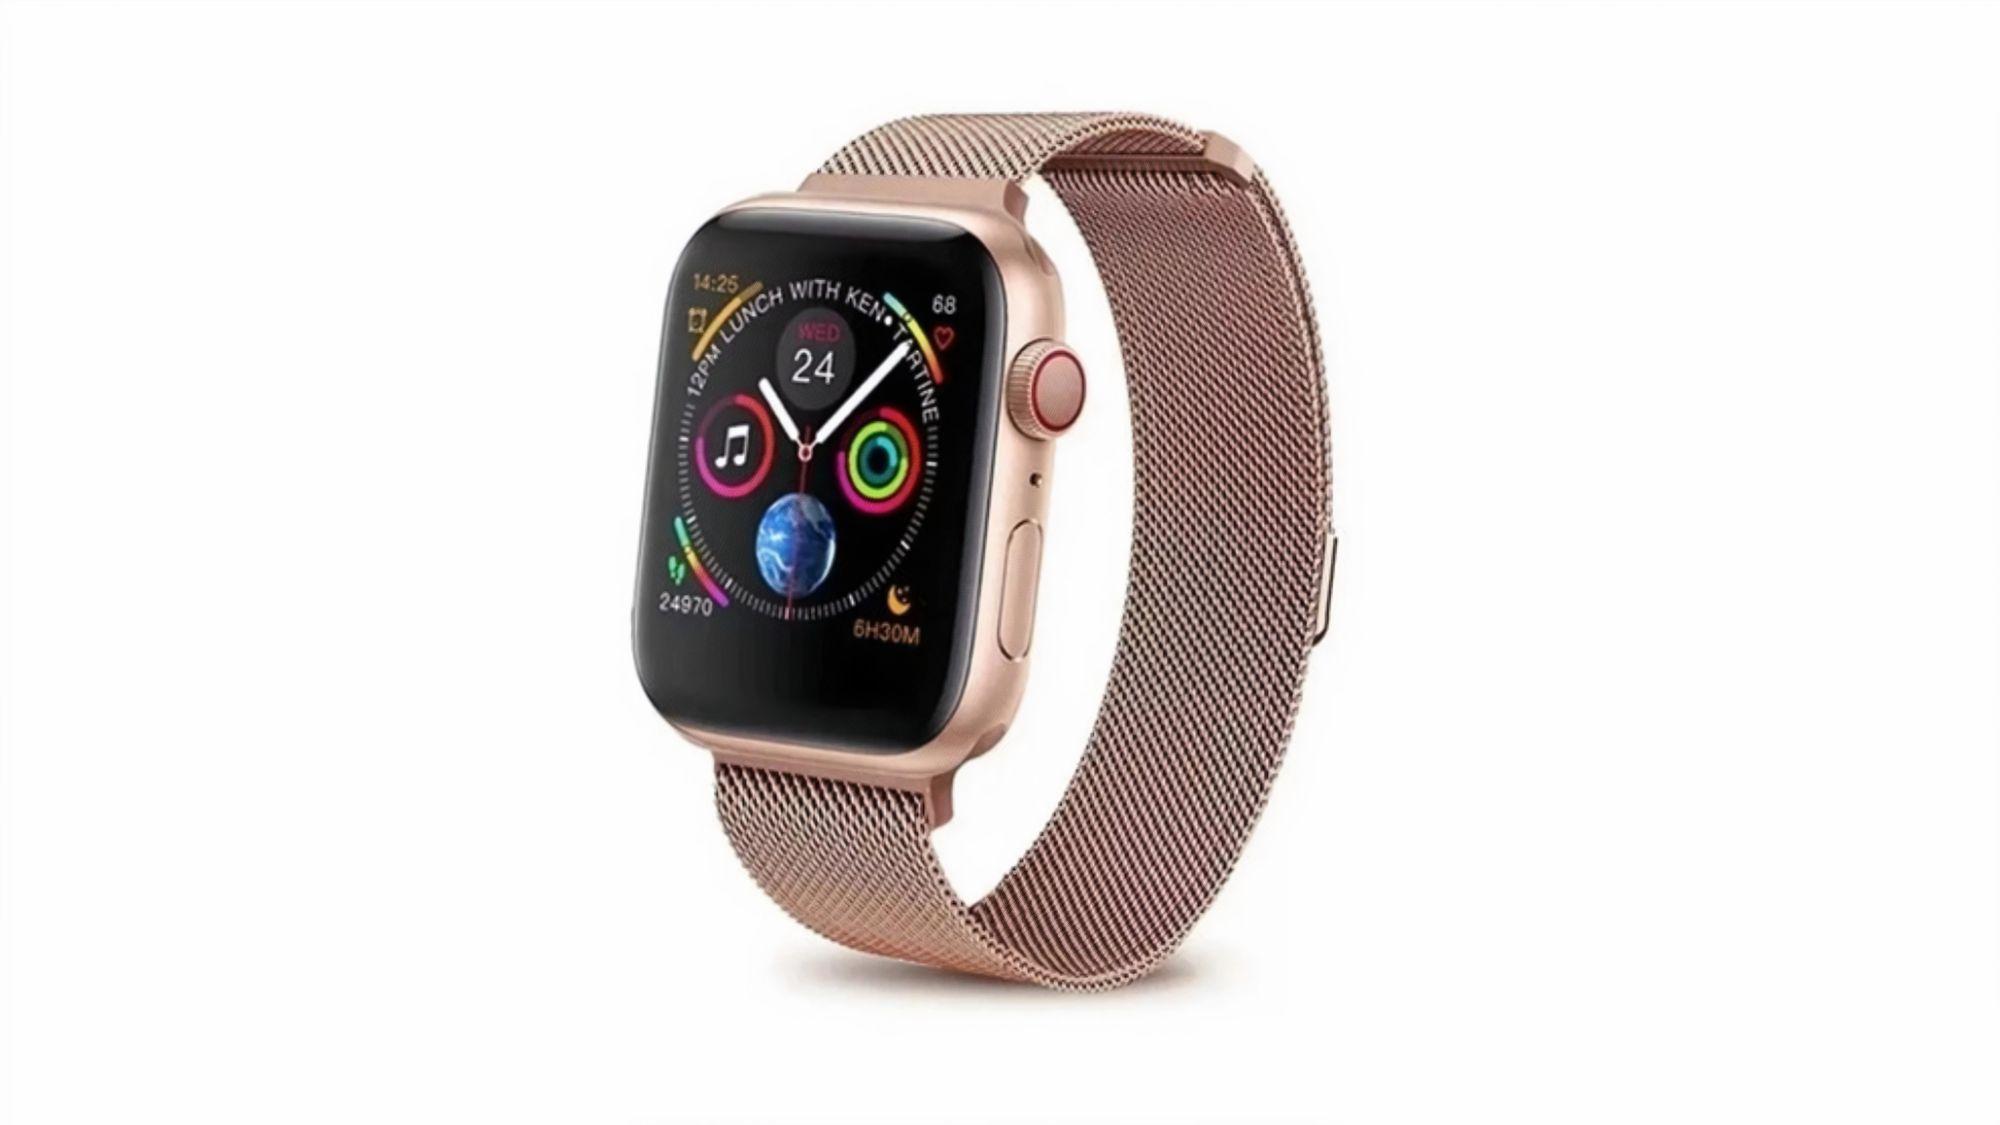 Relógio Iwo 8 permite a troca de pulseiras (Foto: Divulgação/Iwo)